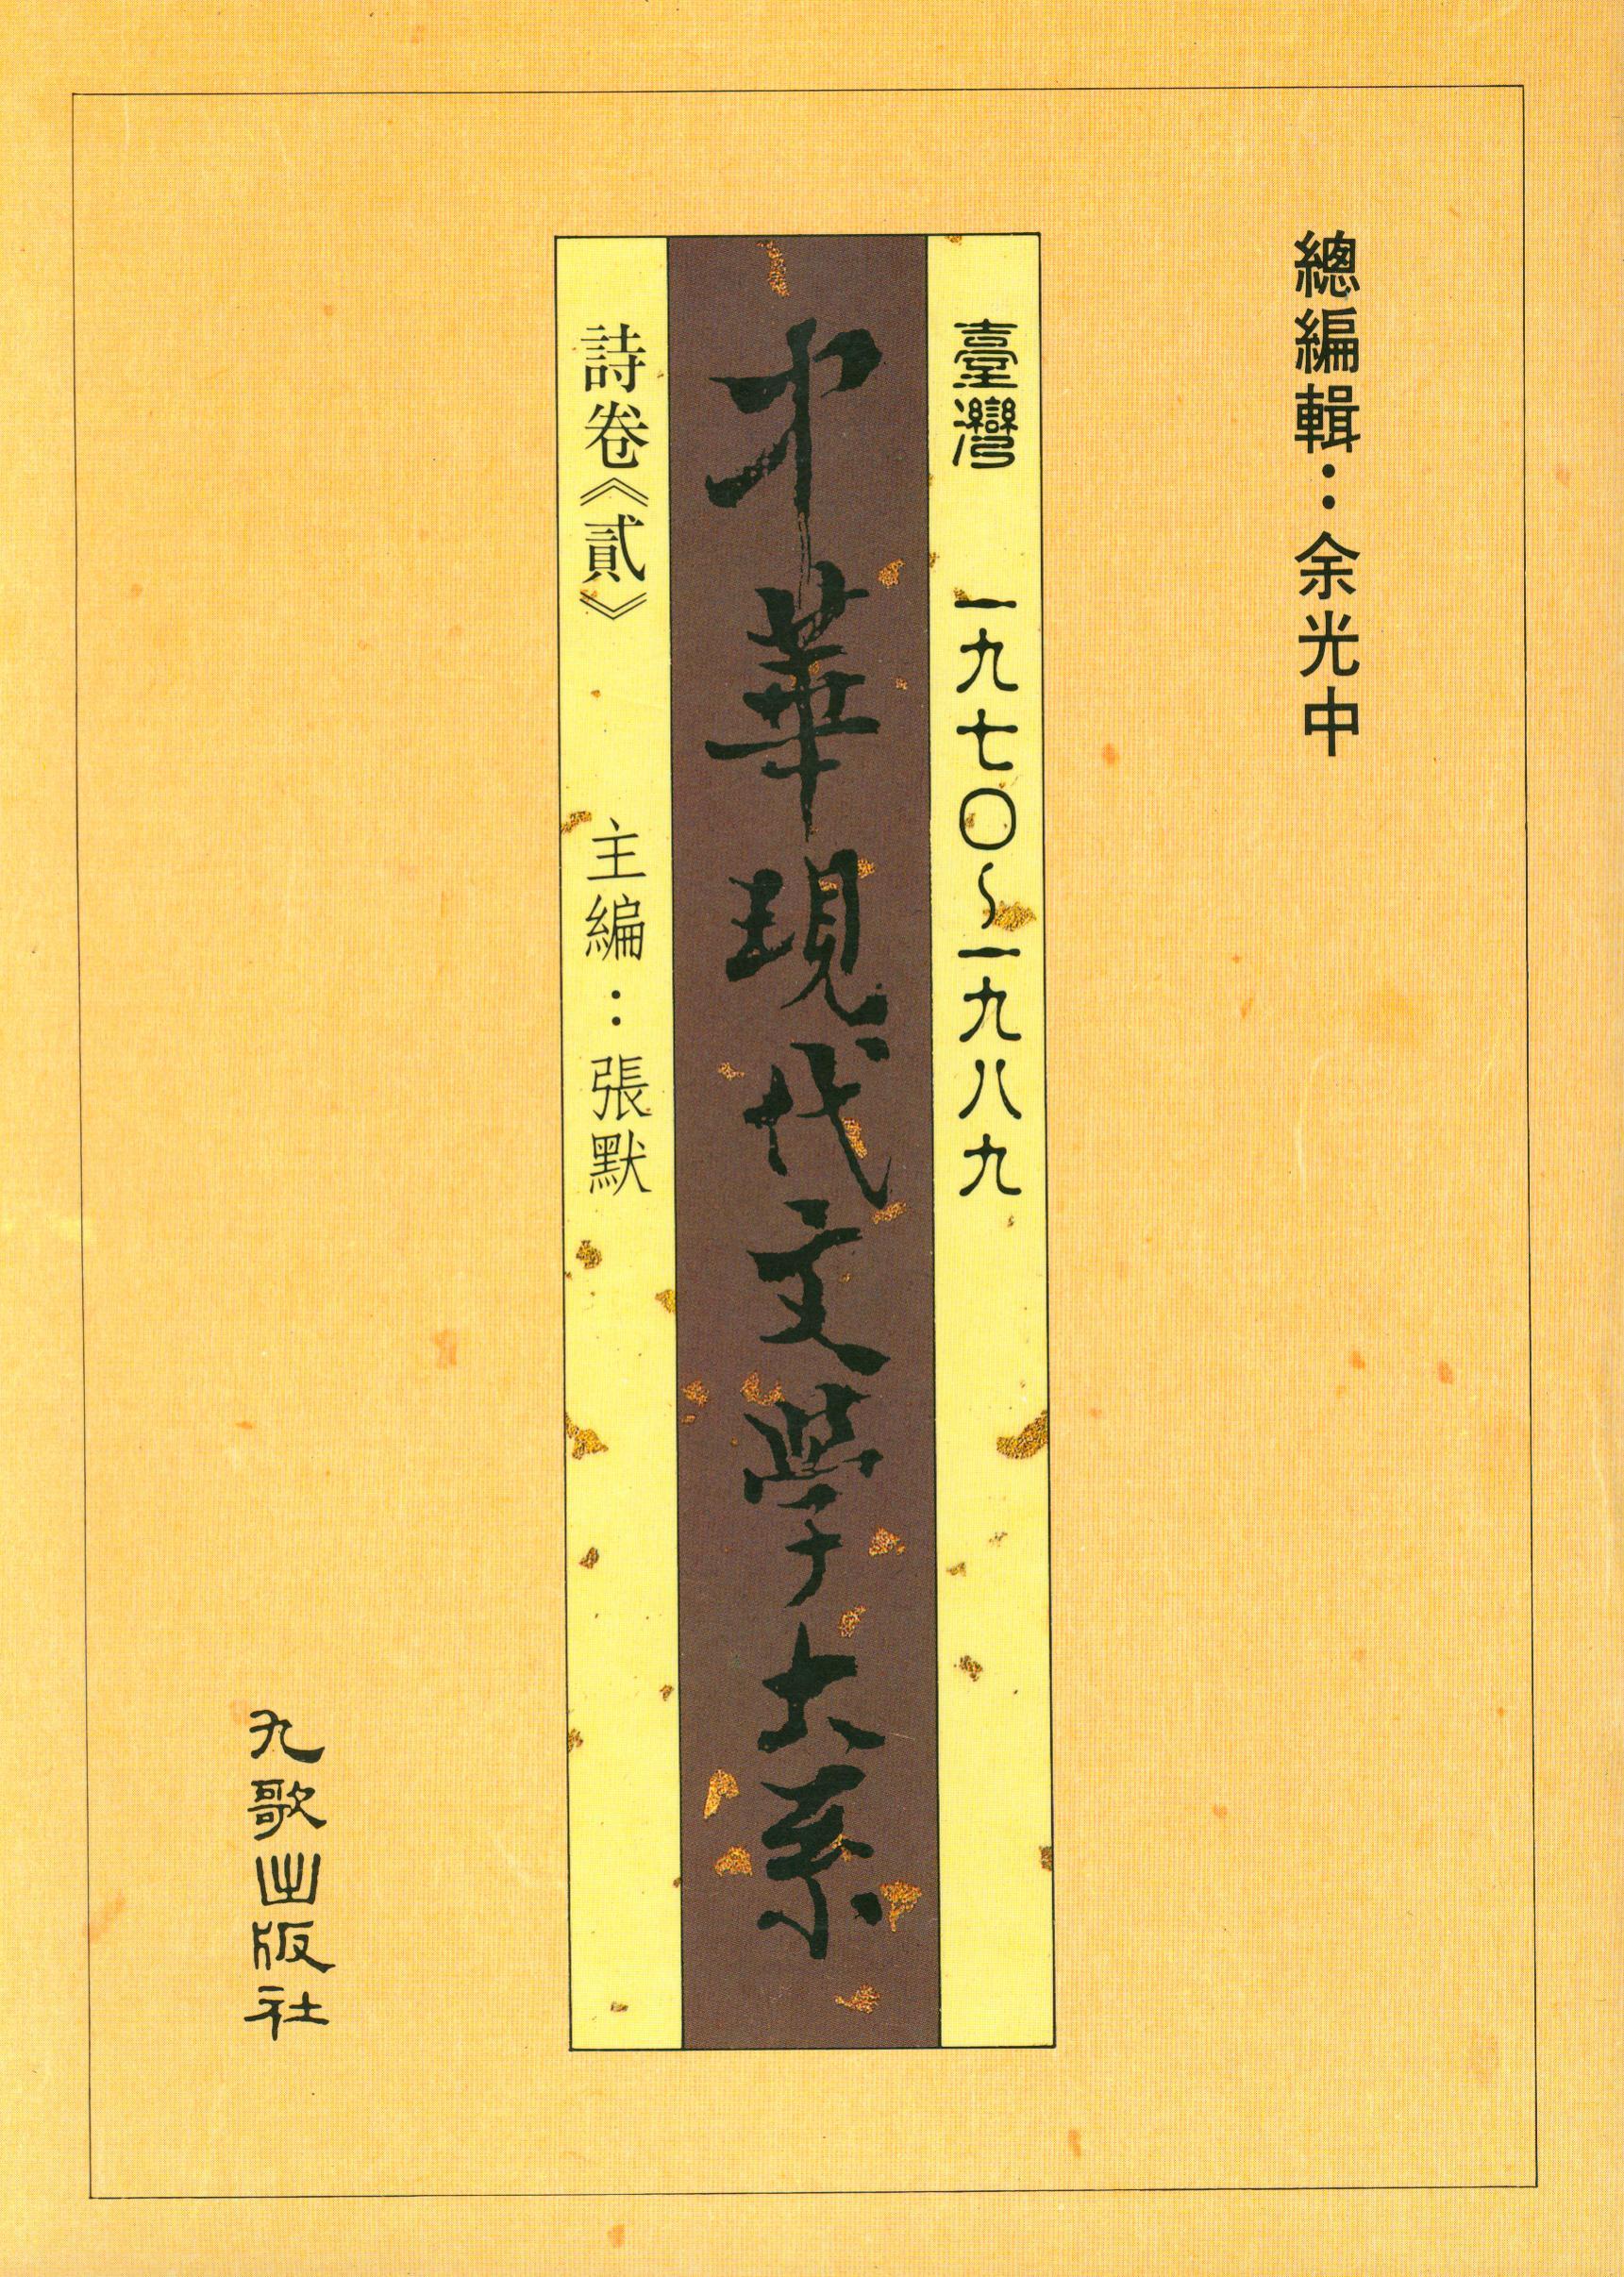 K0002中華現代文學大系(一)詩卷2